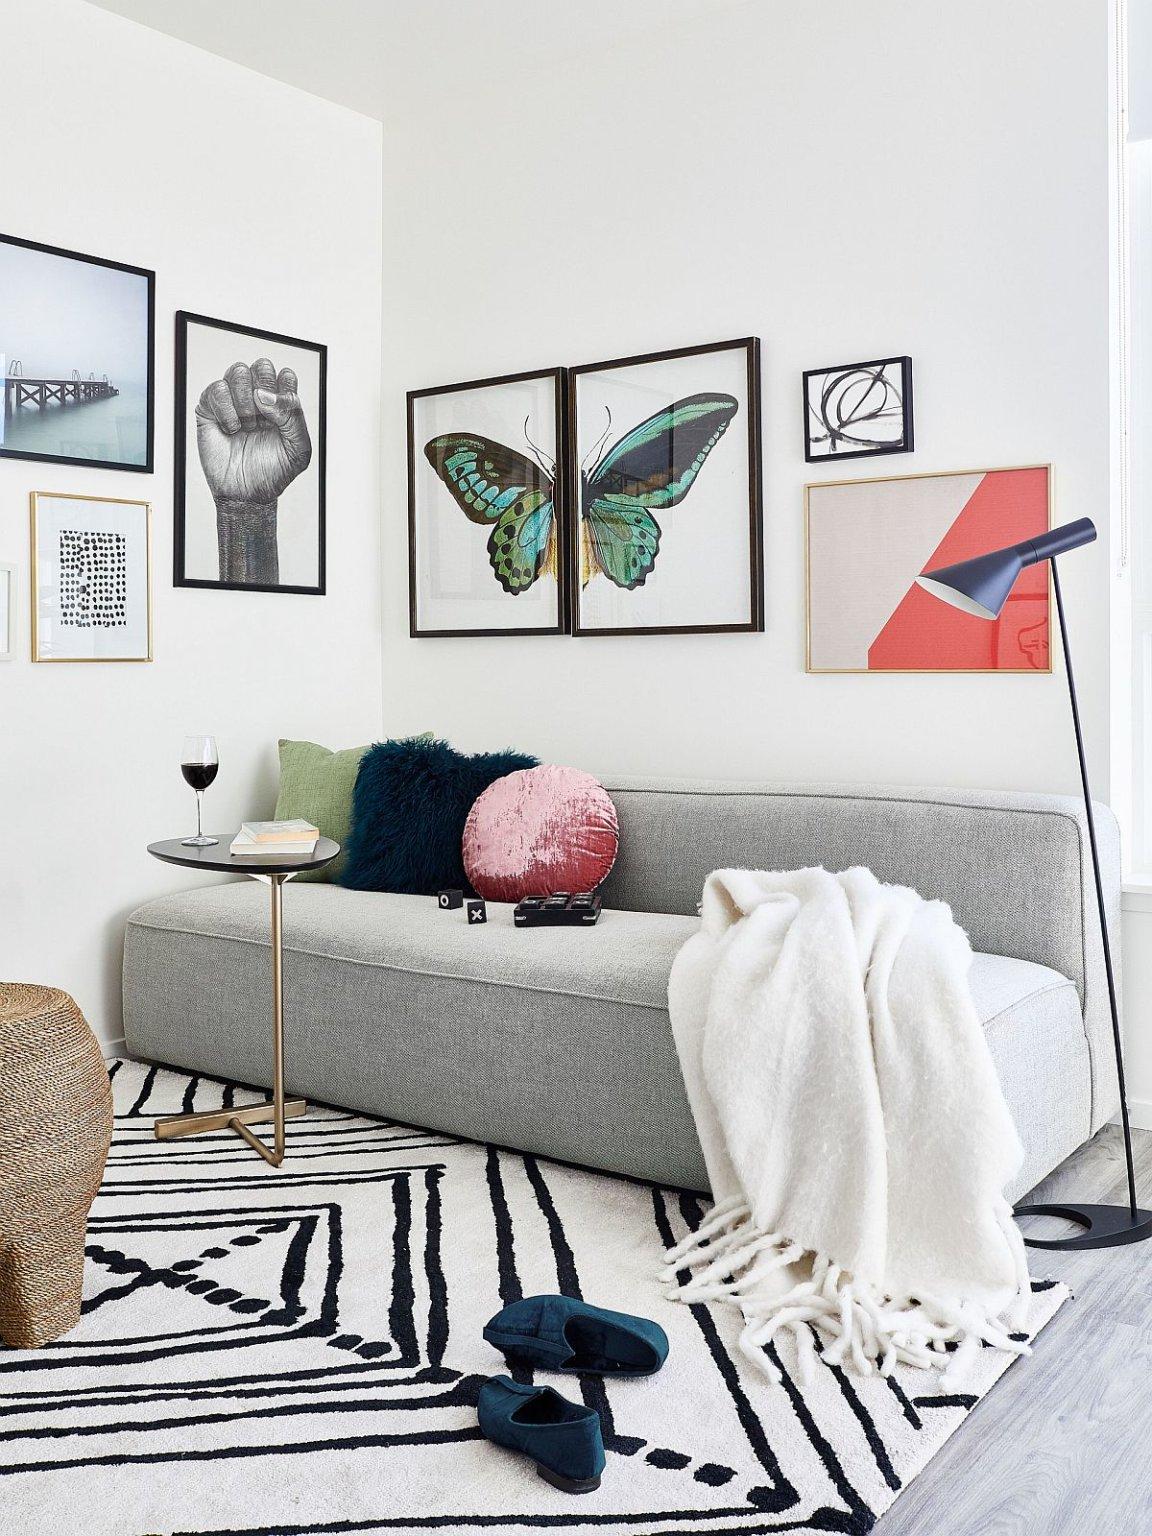 hình ảnh phòng khách với sofa ghi xám, bộ tranh treo tường họa tiết bướm, thảm trải họa tiết đen trắng